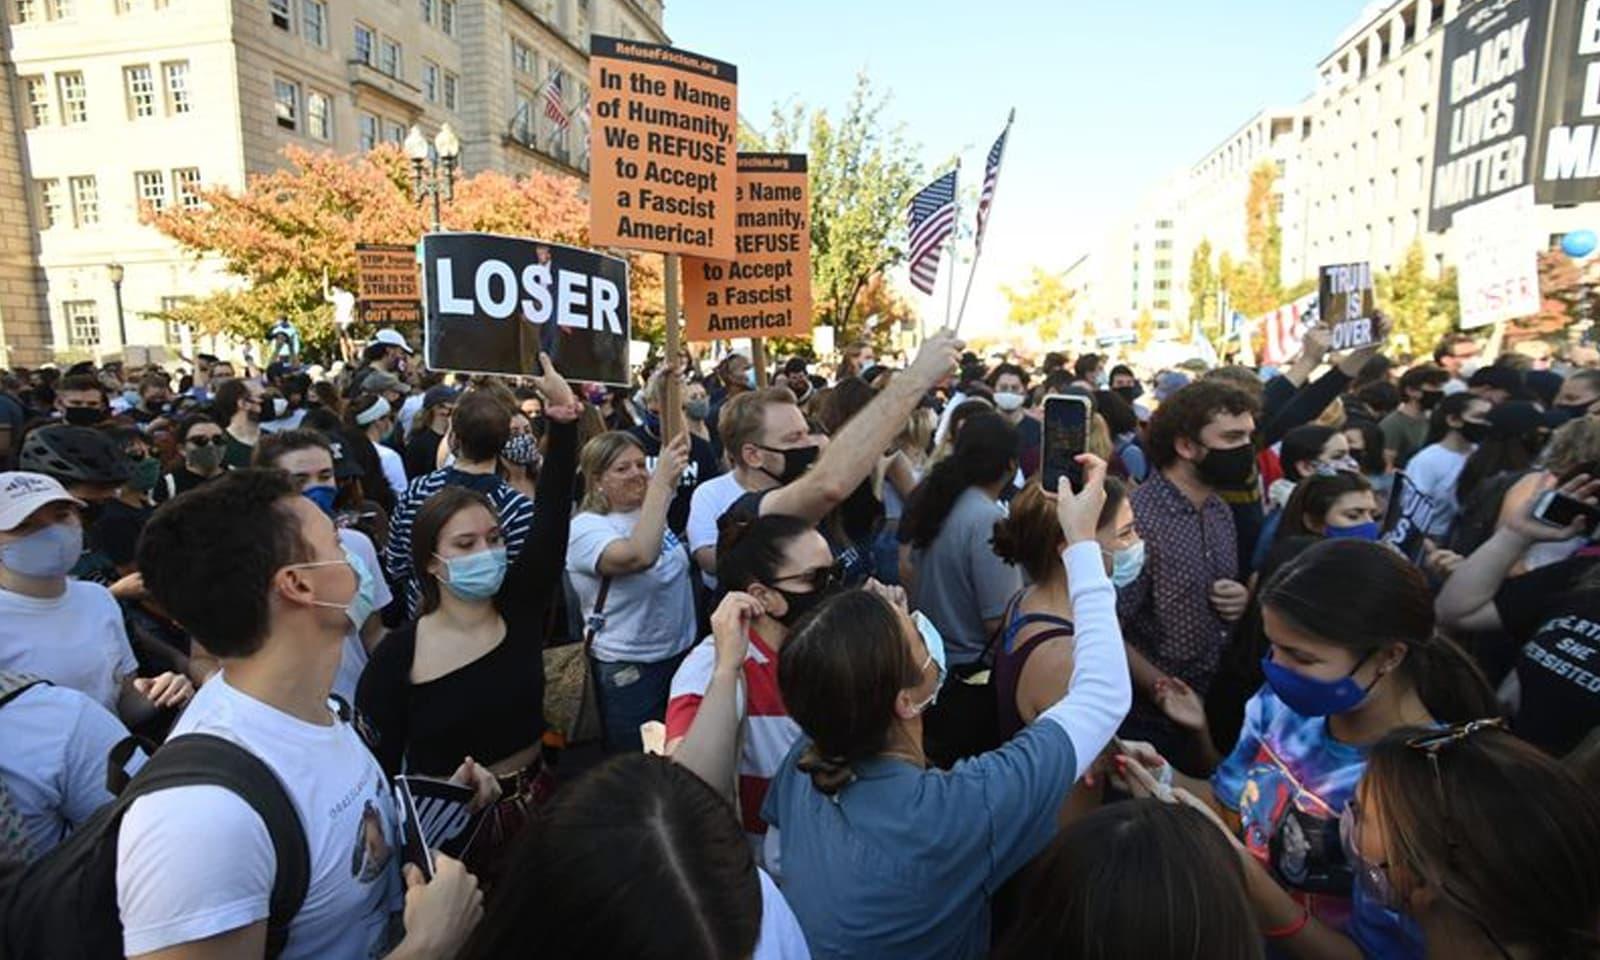 واشنگٹن میں بھی ٹرمپ کی ناکامی پر ڈیموکریٹ حامی خوش دکھائی دیے— فوٹو: اے ایف پی